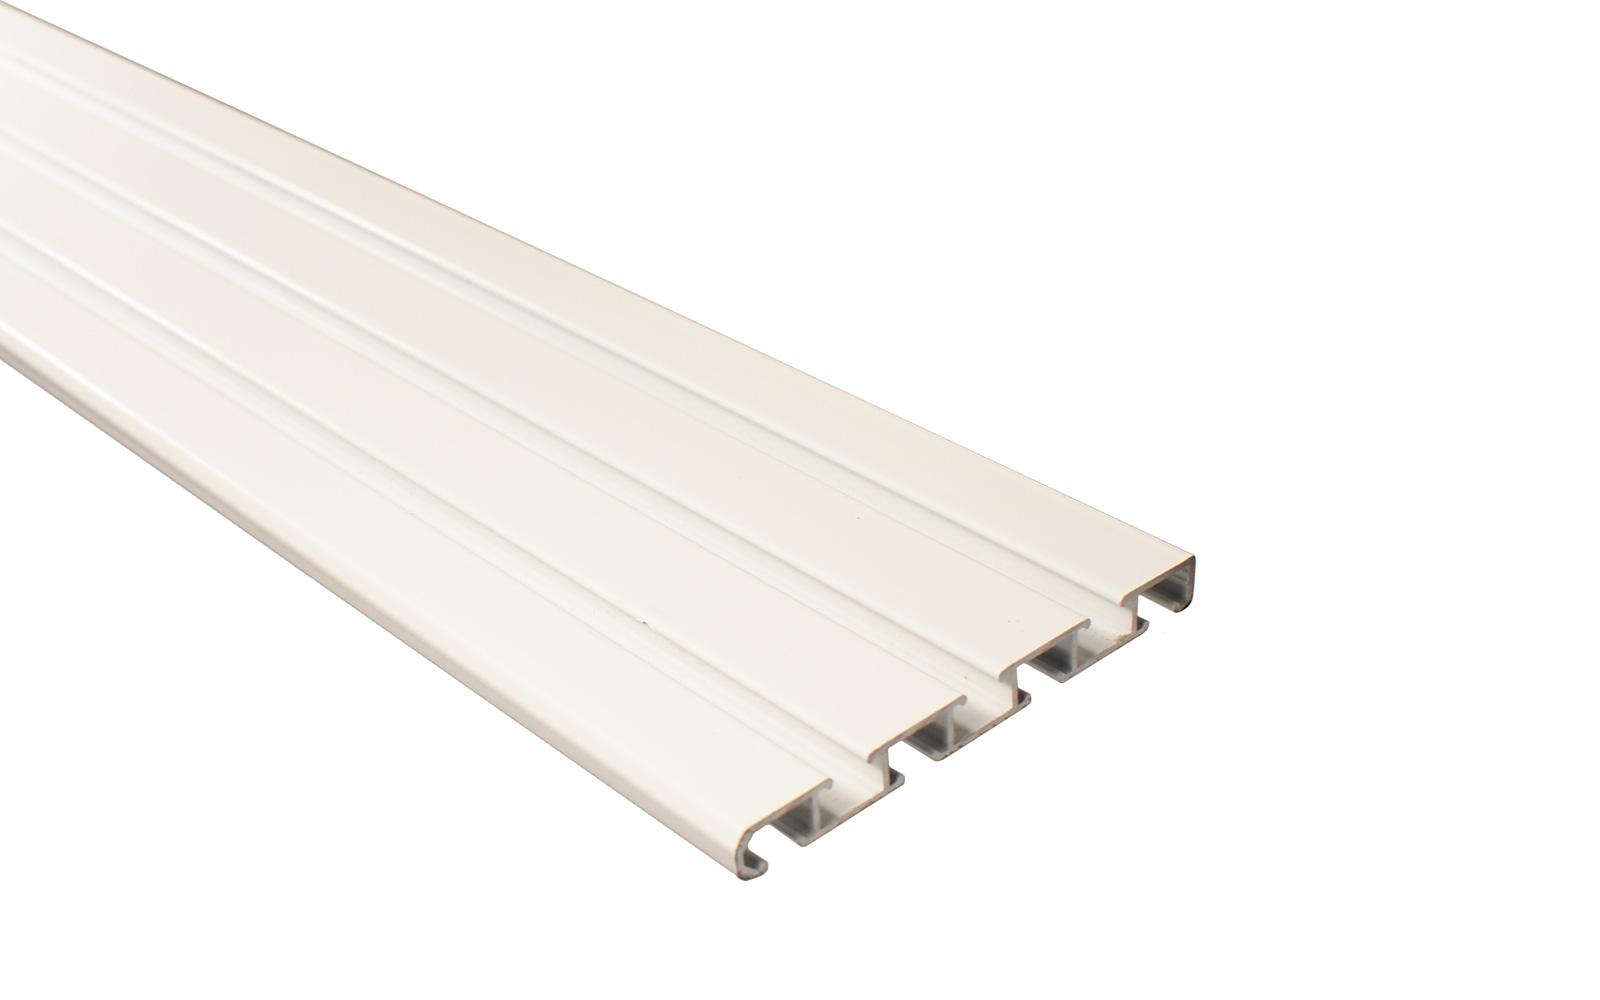 Sehr Vorhangschiene 4-läufig aus Aluminium inklusive Befestigung DJ12